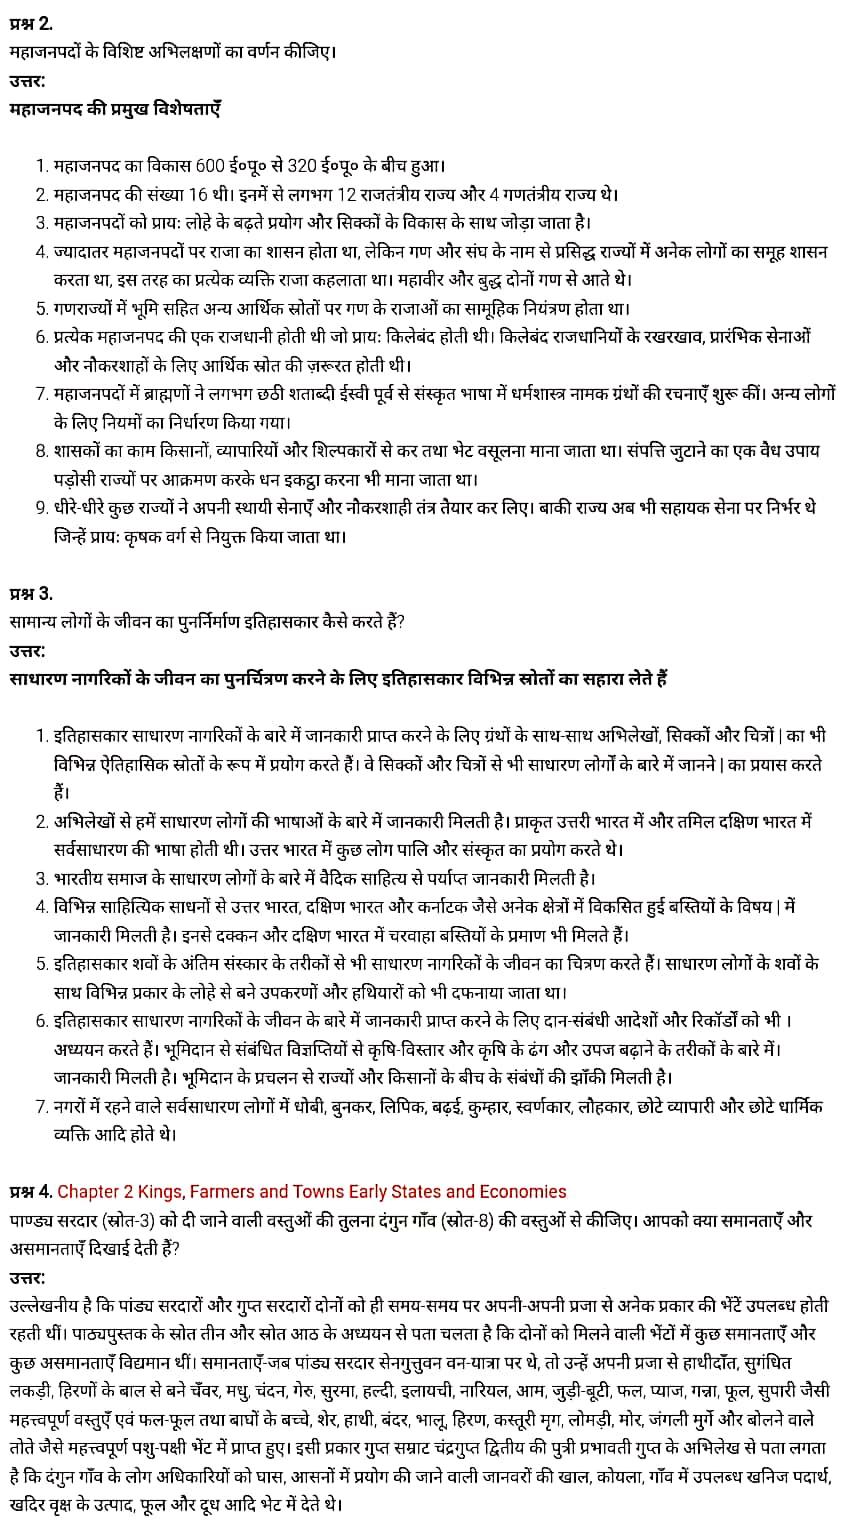 Class 12 History Chapter 2, (राजा  किसान और नगर), Hindi Medium,  इतिहास कक्षा 12 नोट्स pdf,  इतिहास कक्षा 12 नोट्स 2021 NCERT,  इतिहास कक्षा 12 PDF,  इतिहास पुस्तक,  इतिहास की बुक,  इतिहास प्रश्नोत्तरी Class 12, 12 वीं इतिहास पुस्तक up board,  बिहार बोर्ड 12 वीं इतिहास नोट्स,   12th History book in hindi,12th History notes in hindi,cbse books for class 12,cbse books in hindi,cbse ncert books,class 12 History notes in hindi,class 12 hindi ncert solutions,History 2020,History 2021,History 2022,History book class 12,History book in hindi,History class 12 in hindi,History notes for class 12 up board in hindi,ncert all books,ncert app in hindi,ncert book solution,ncert books class 10,ncert books class 12,ncert books for class 7,ncert books for upsc in hindi,ncert books in hindi class 10,ncert books in hindi for class 12 History,ncert books in hindi for class 6,ncert books in hindi pdf,ncert class 12 hindi book,ncert english book,ncert History book in hindi,ncert History books in hindi pdf,ncert History class 12,ncert in hindi,old ncert books in hindi,online ncert books in hindi,up board 12th,up board 12th syllabus,up board class 10 hindi book,up board class 12 books,up board class 12 new syllabus,up Board Maths 2020,up Board Maths 2021,up Board Maths 2022,up Board Maths 2023,up board intermediate History syllabus,up board intermediate syllabus 2021,Up board Master 2021,up board model paper 2021,up board model paper all subject,up board new syllabus of class 12th History,up board paper 2021,Up board syllabus 2021,UP board syllabus 2022,  12 वीं इतिहास पुस्तक हिंदी में, 12 वीं इतिहास नोट्स हिंदी में, कक्षा 12 के लिए सीबीएससी पुस्तकें, हिंदी में सीबीएससी पुस्तकें, सीबीएससी  पुस्तकें, कक्षा 12 इतिहास नोट्स हिंदी में, कक्षा 12 हिंदी एनसीईआरटी समाधान, इतिहास 2020, इतिहास 2021, इतिहास 2022, इतिहास  बुक क्लास 12, इतिहास बुक इन हिंदी, इतिहास क्लास 12 हिंदी में, इतिहास नोट्स इन क्लास 12 यूपी  बोर्ड इन हिंदी, एनसीईआरटी इतिहास की किताब हिंदी में,  बोर्ड 12 वीं तक, 12 वीं तक की पाठ्य